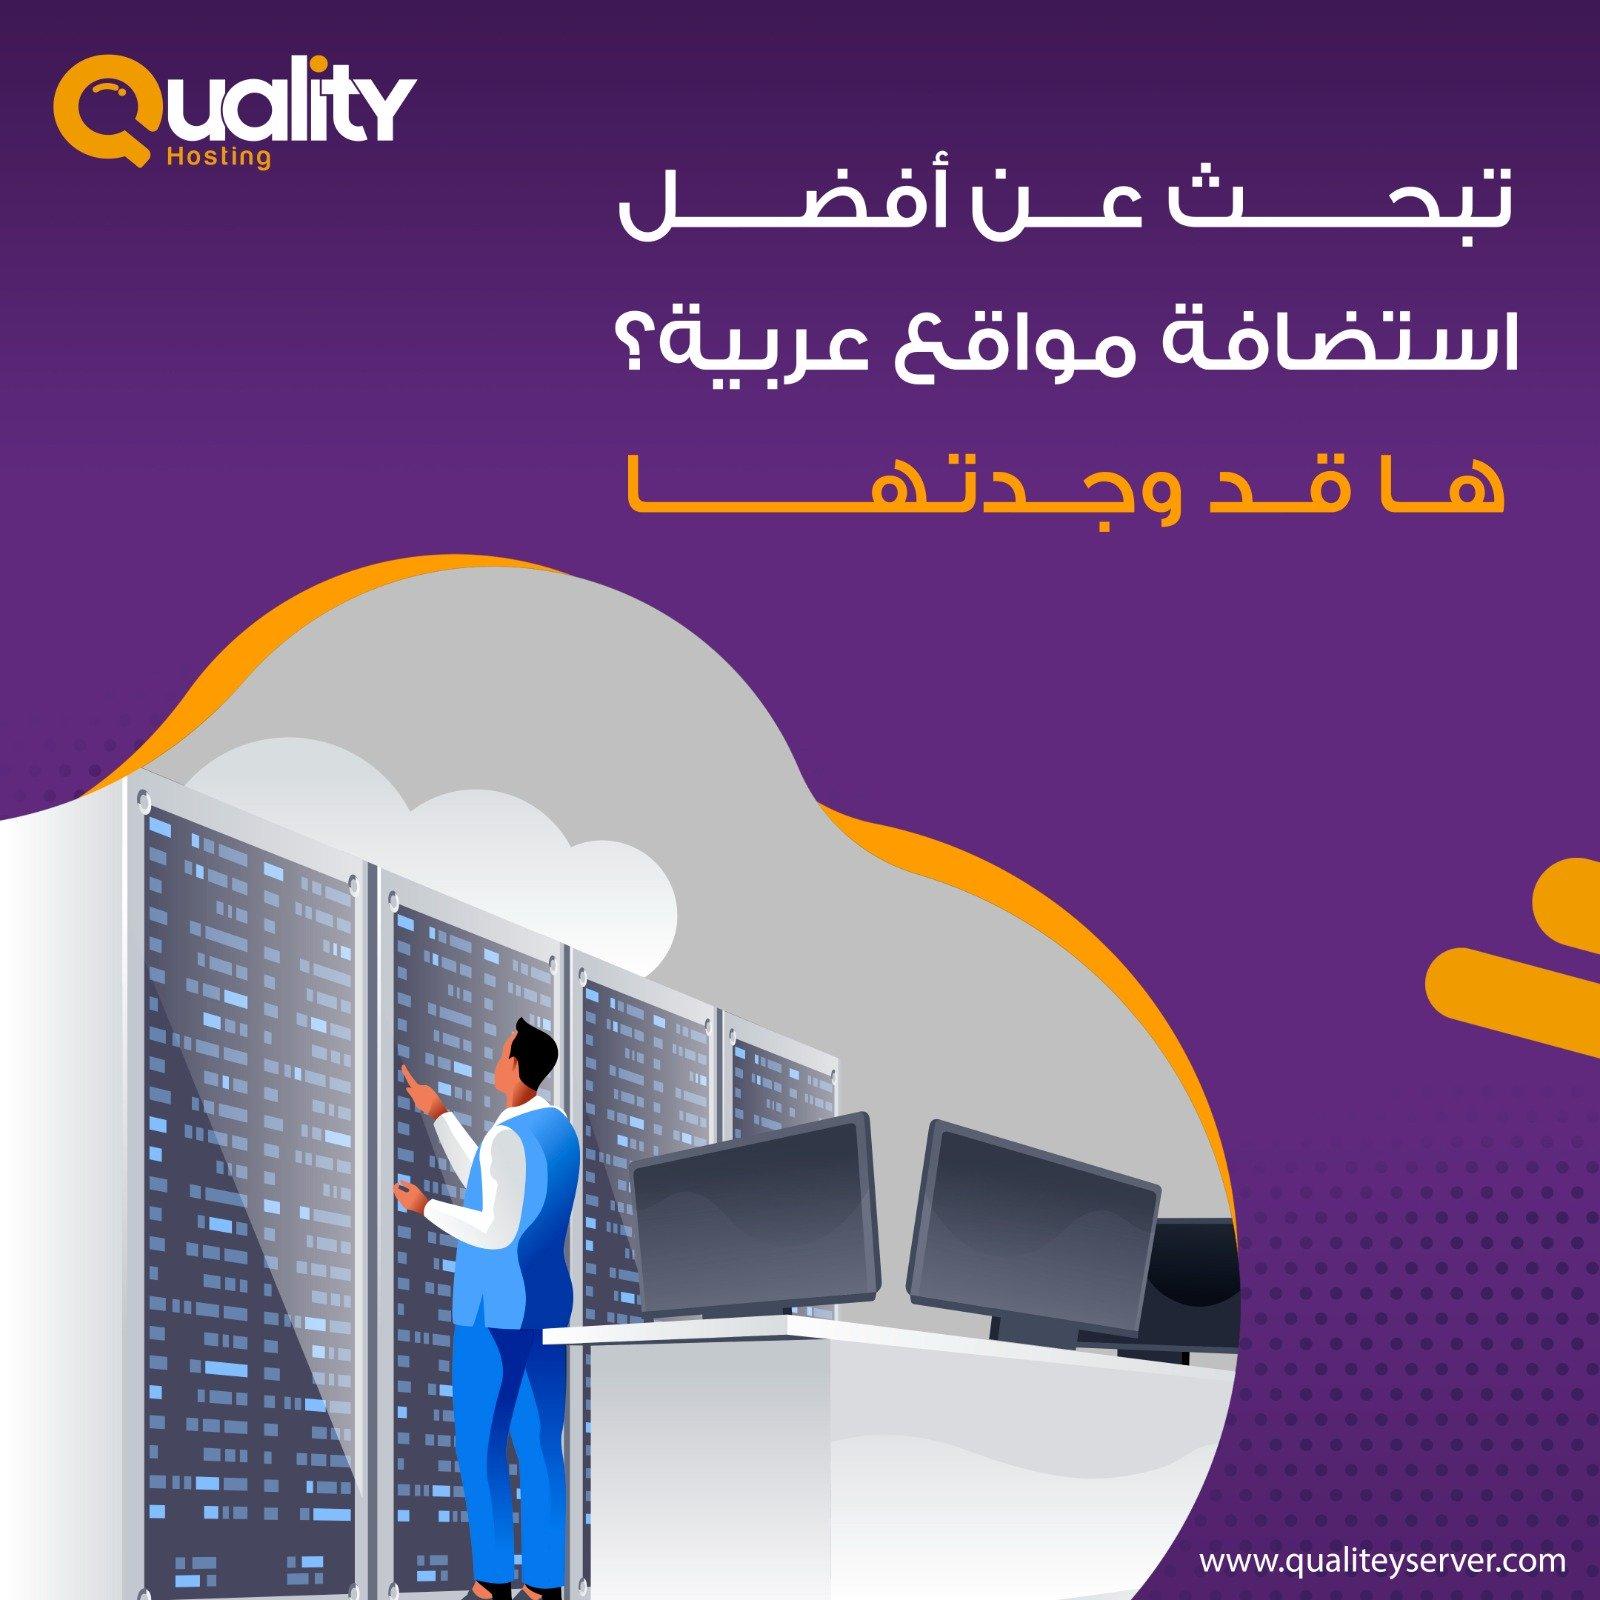 تبحث عن أفضل استضافة مواقع عربية؟ ها قد وجدتها